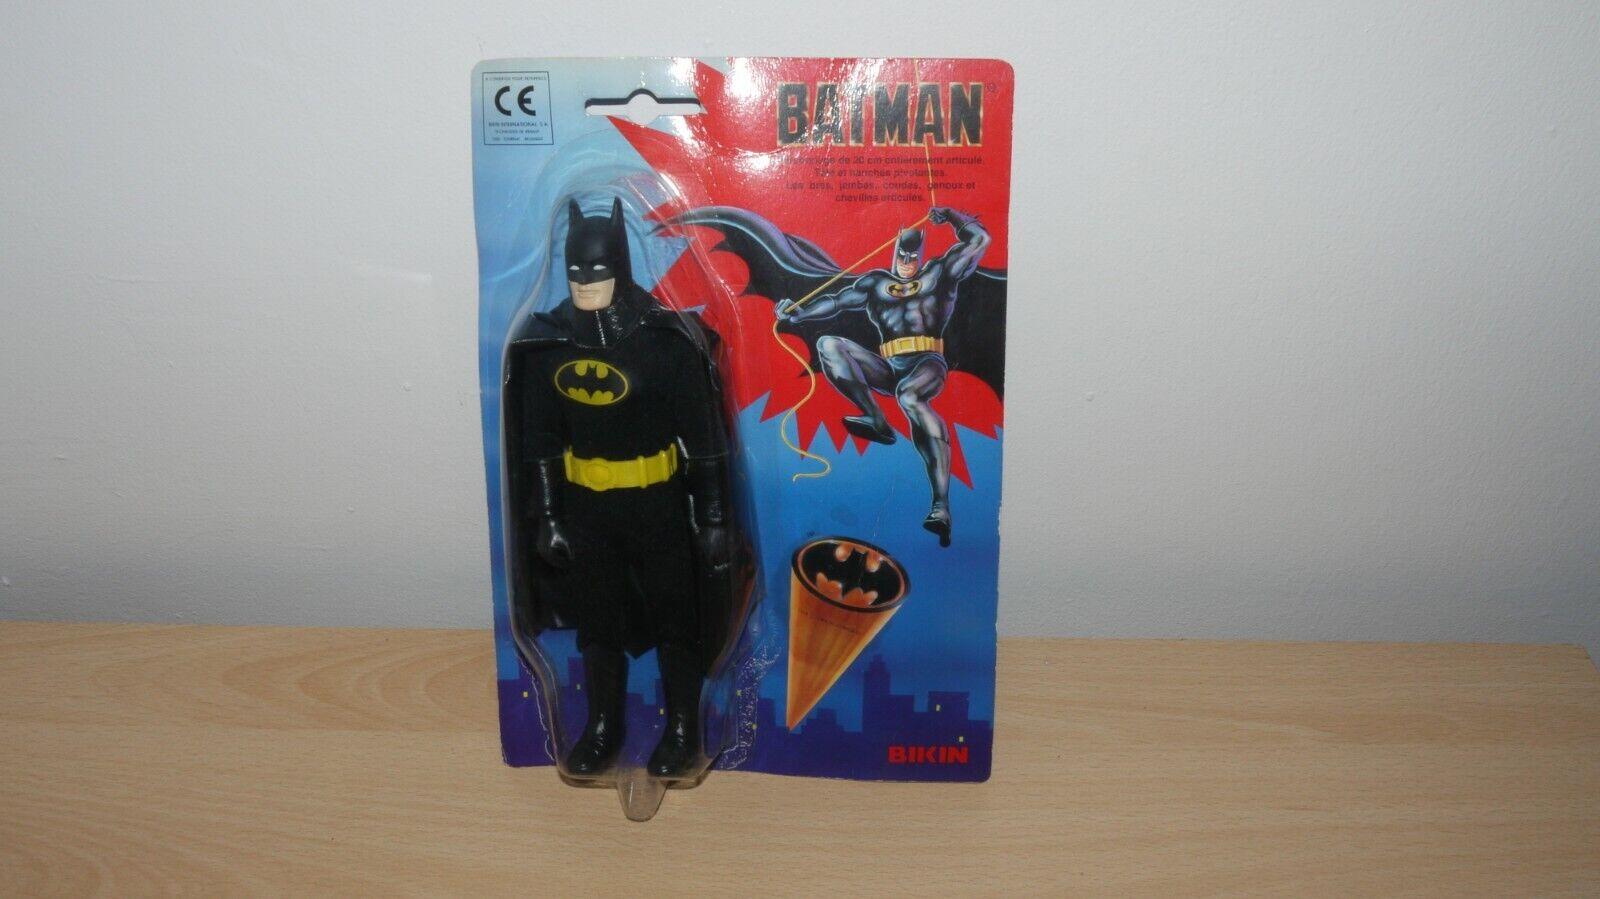 Bikin  01950 Batman 20cm Figure